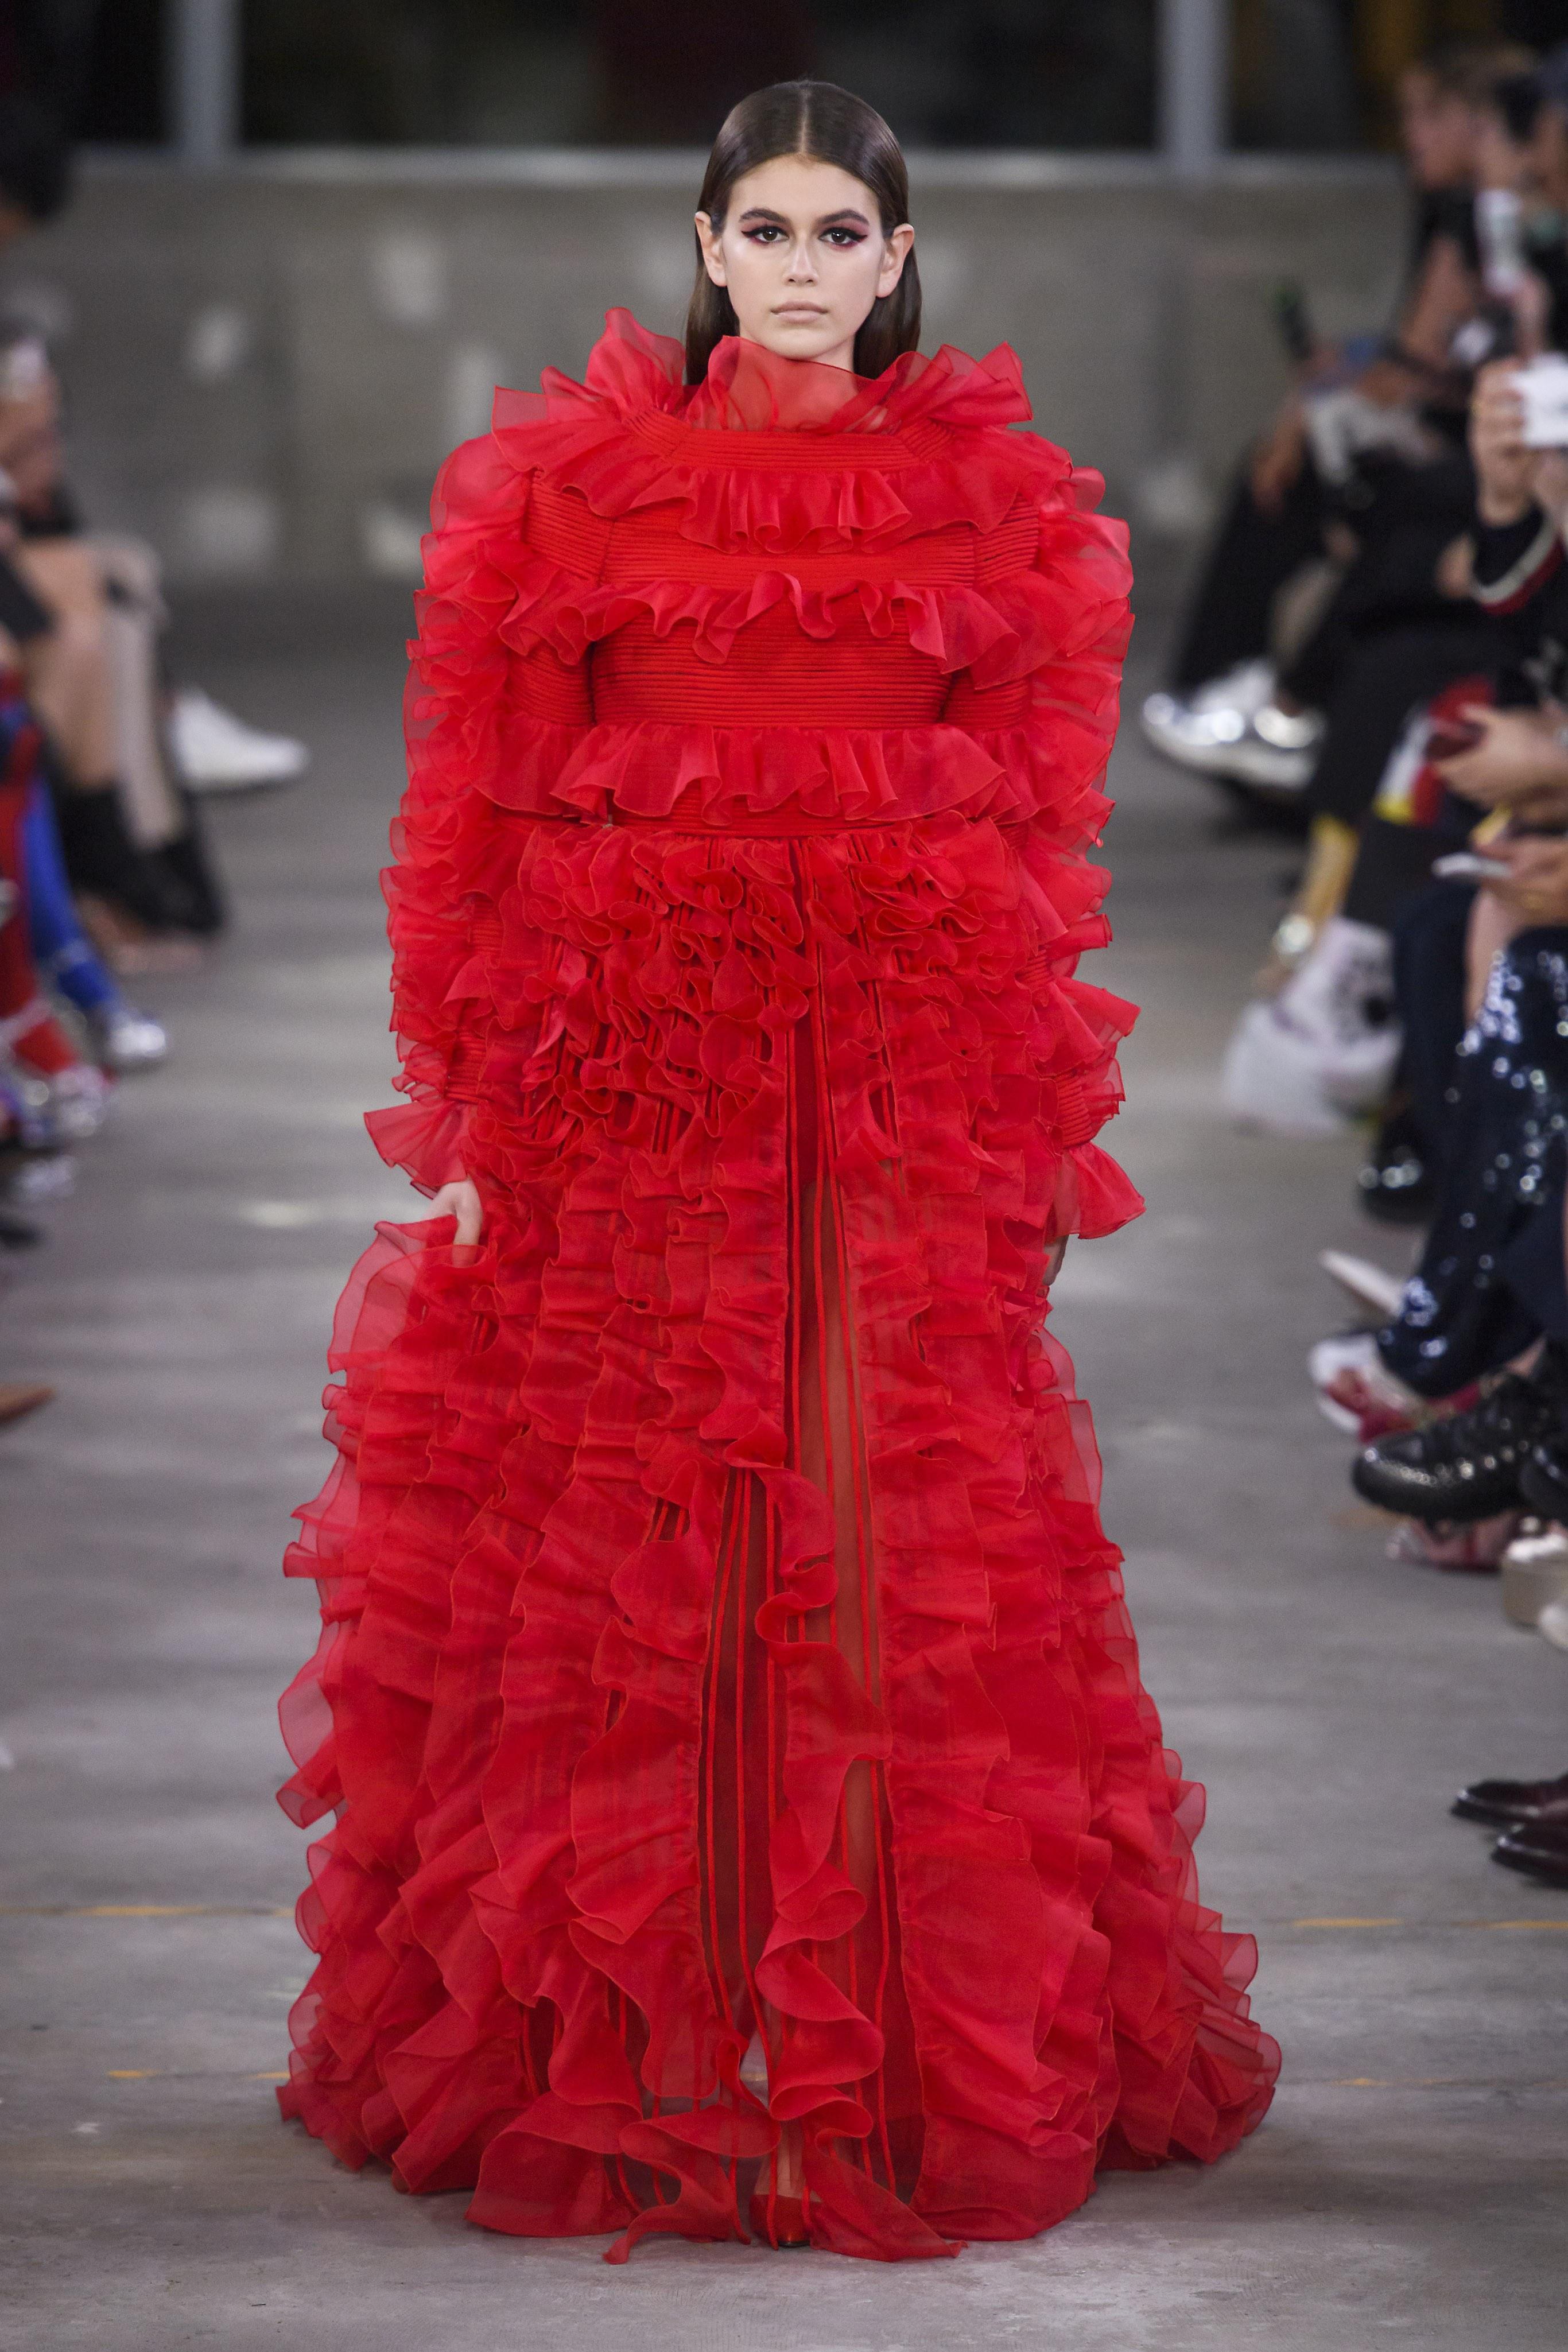 Tin tức thời trang này khiến nhiều người có niềm tin rằng nhiều thương hiệu đình đám đã bắt đầu để mắt đến thị trường Châu Á. Ảnh: Vogue